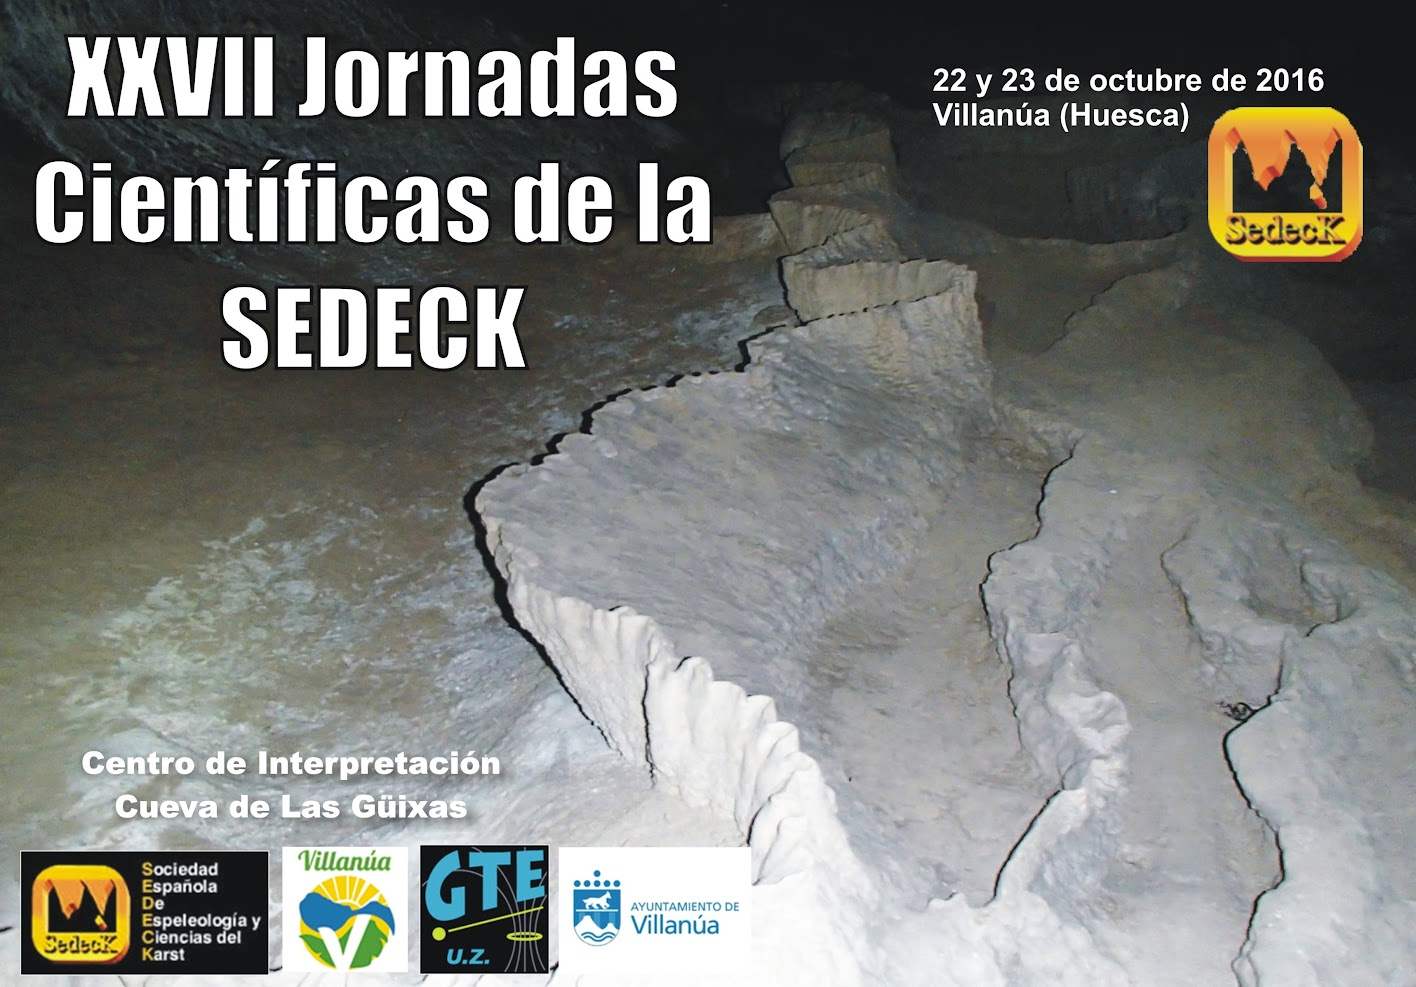 XXVII Jornadas científicas de la SEDECK